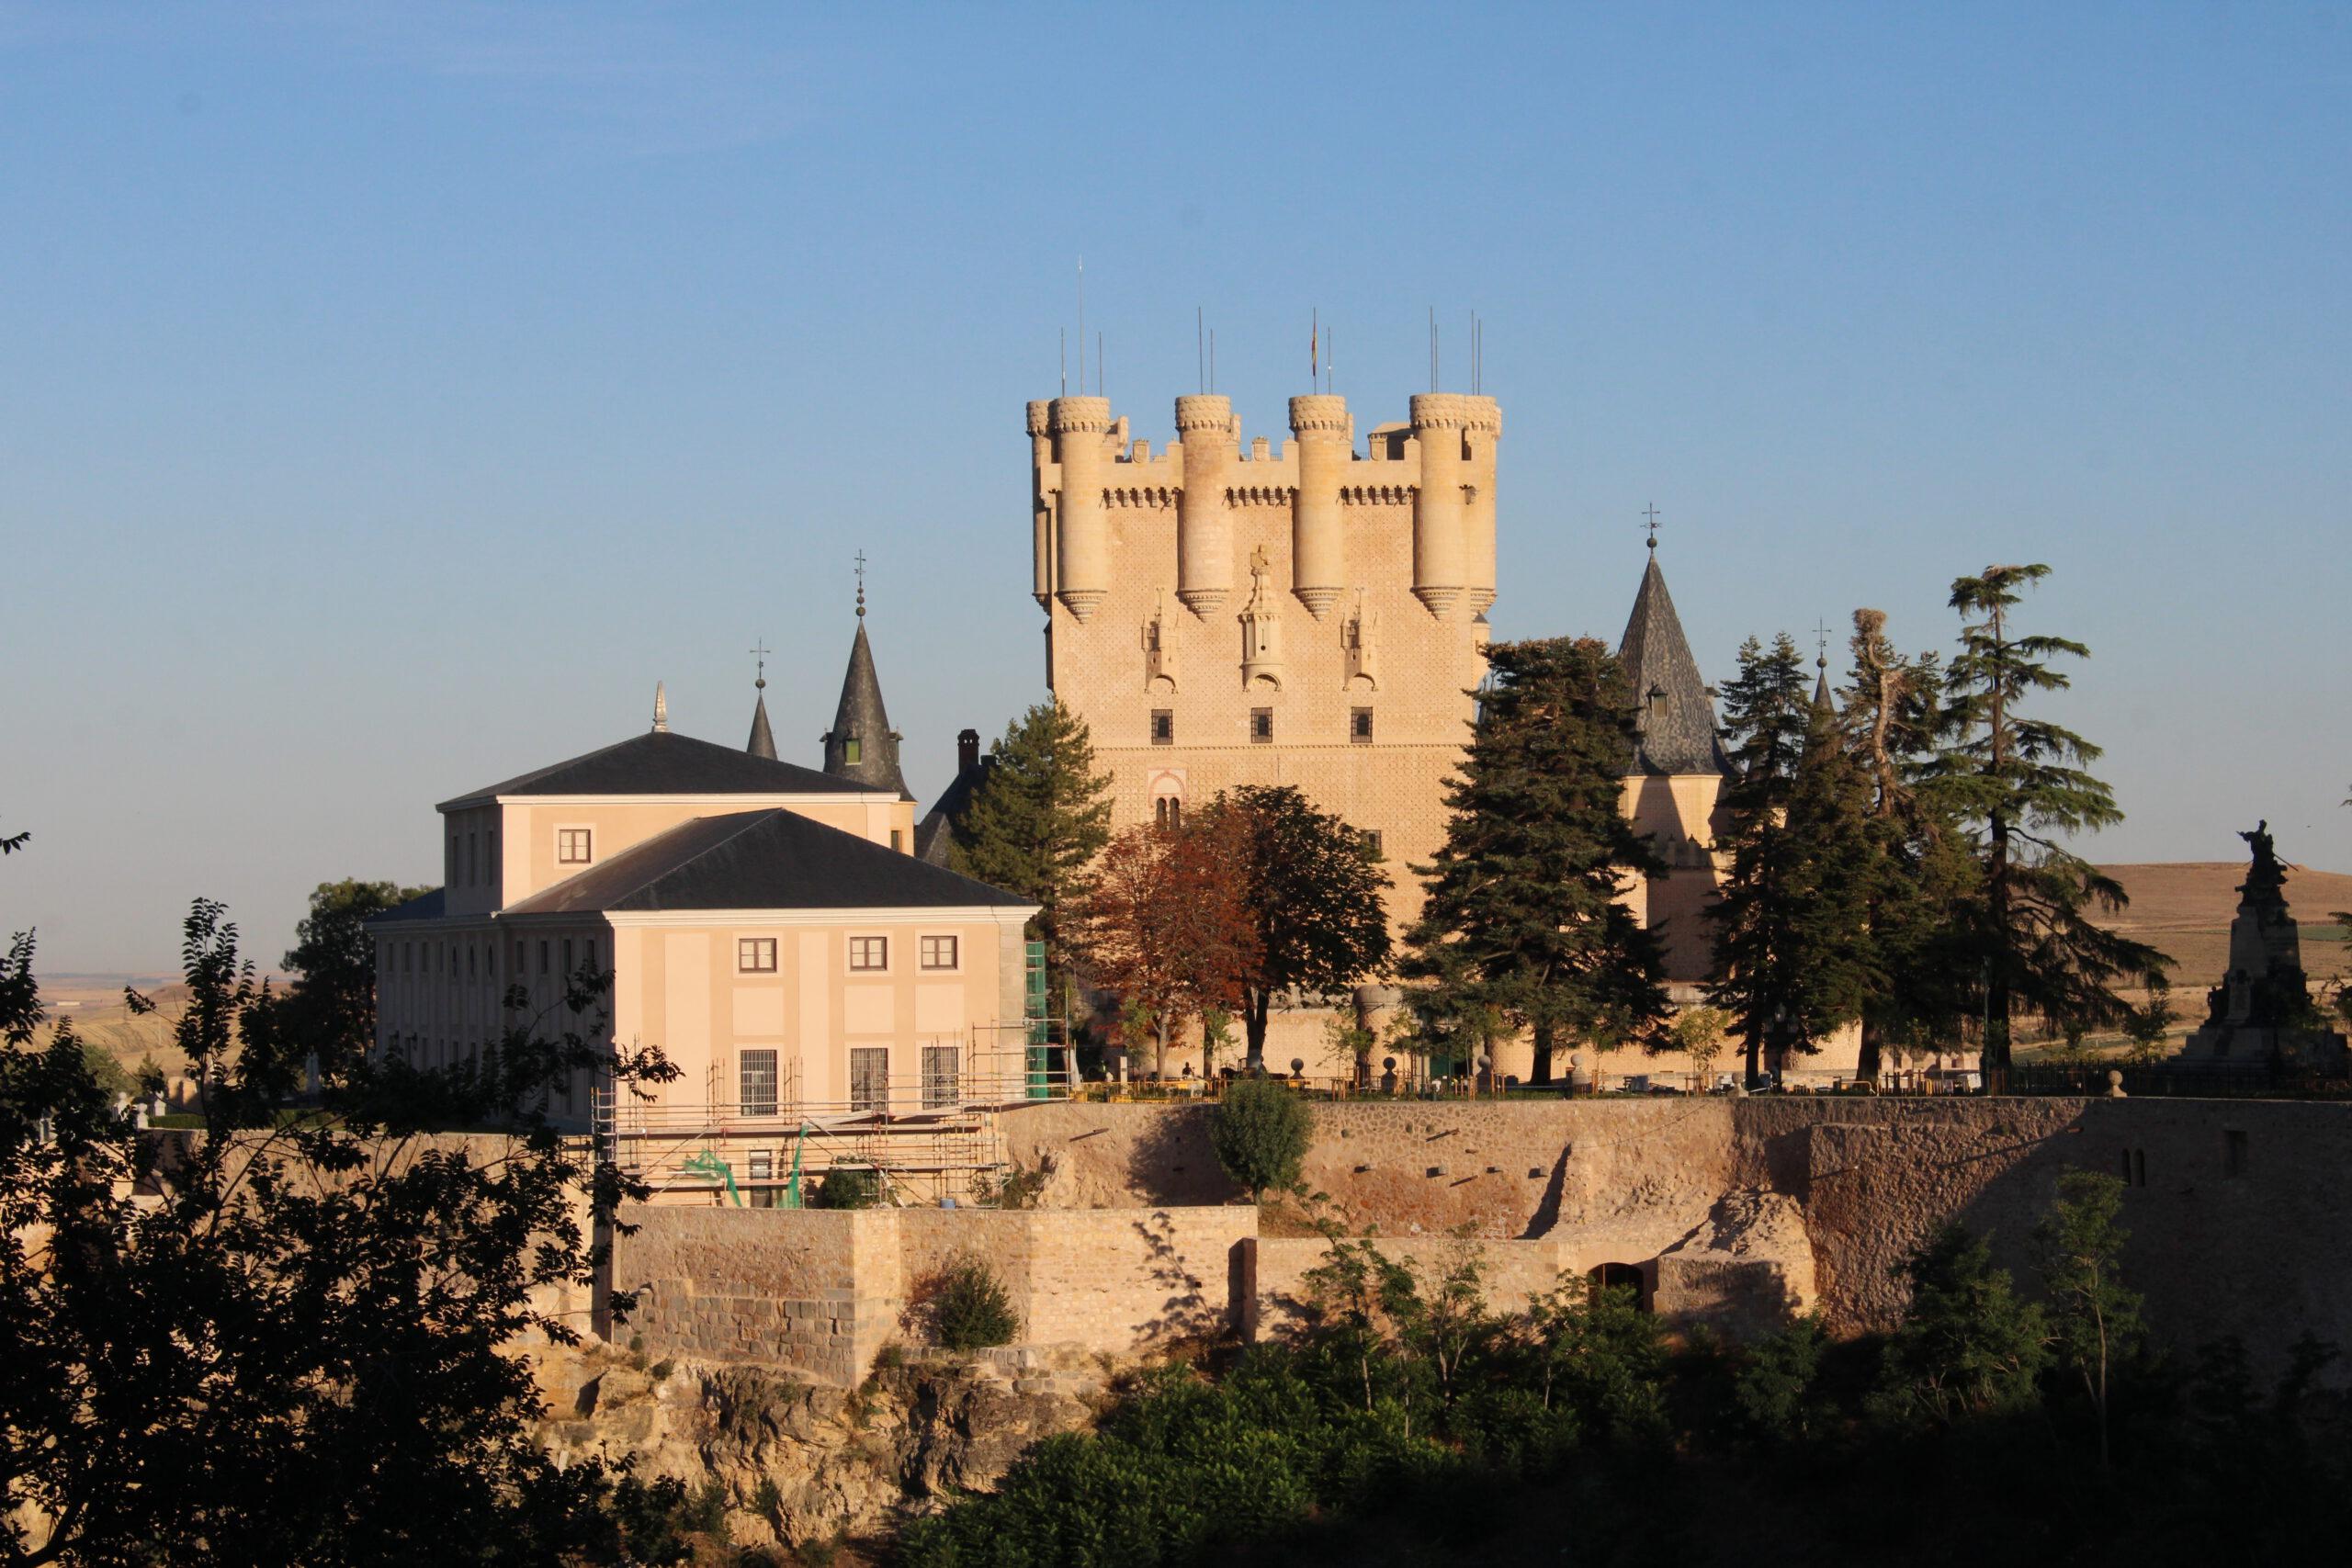 El Tribunal Supremo suspende cautelarmente el acuerdo de la Junta de Castilla y León que adelantó el toque de queda a las 20:00 horas